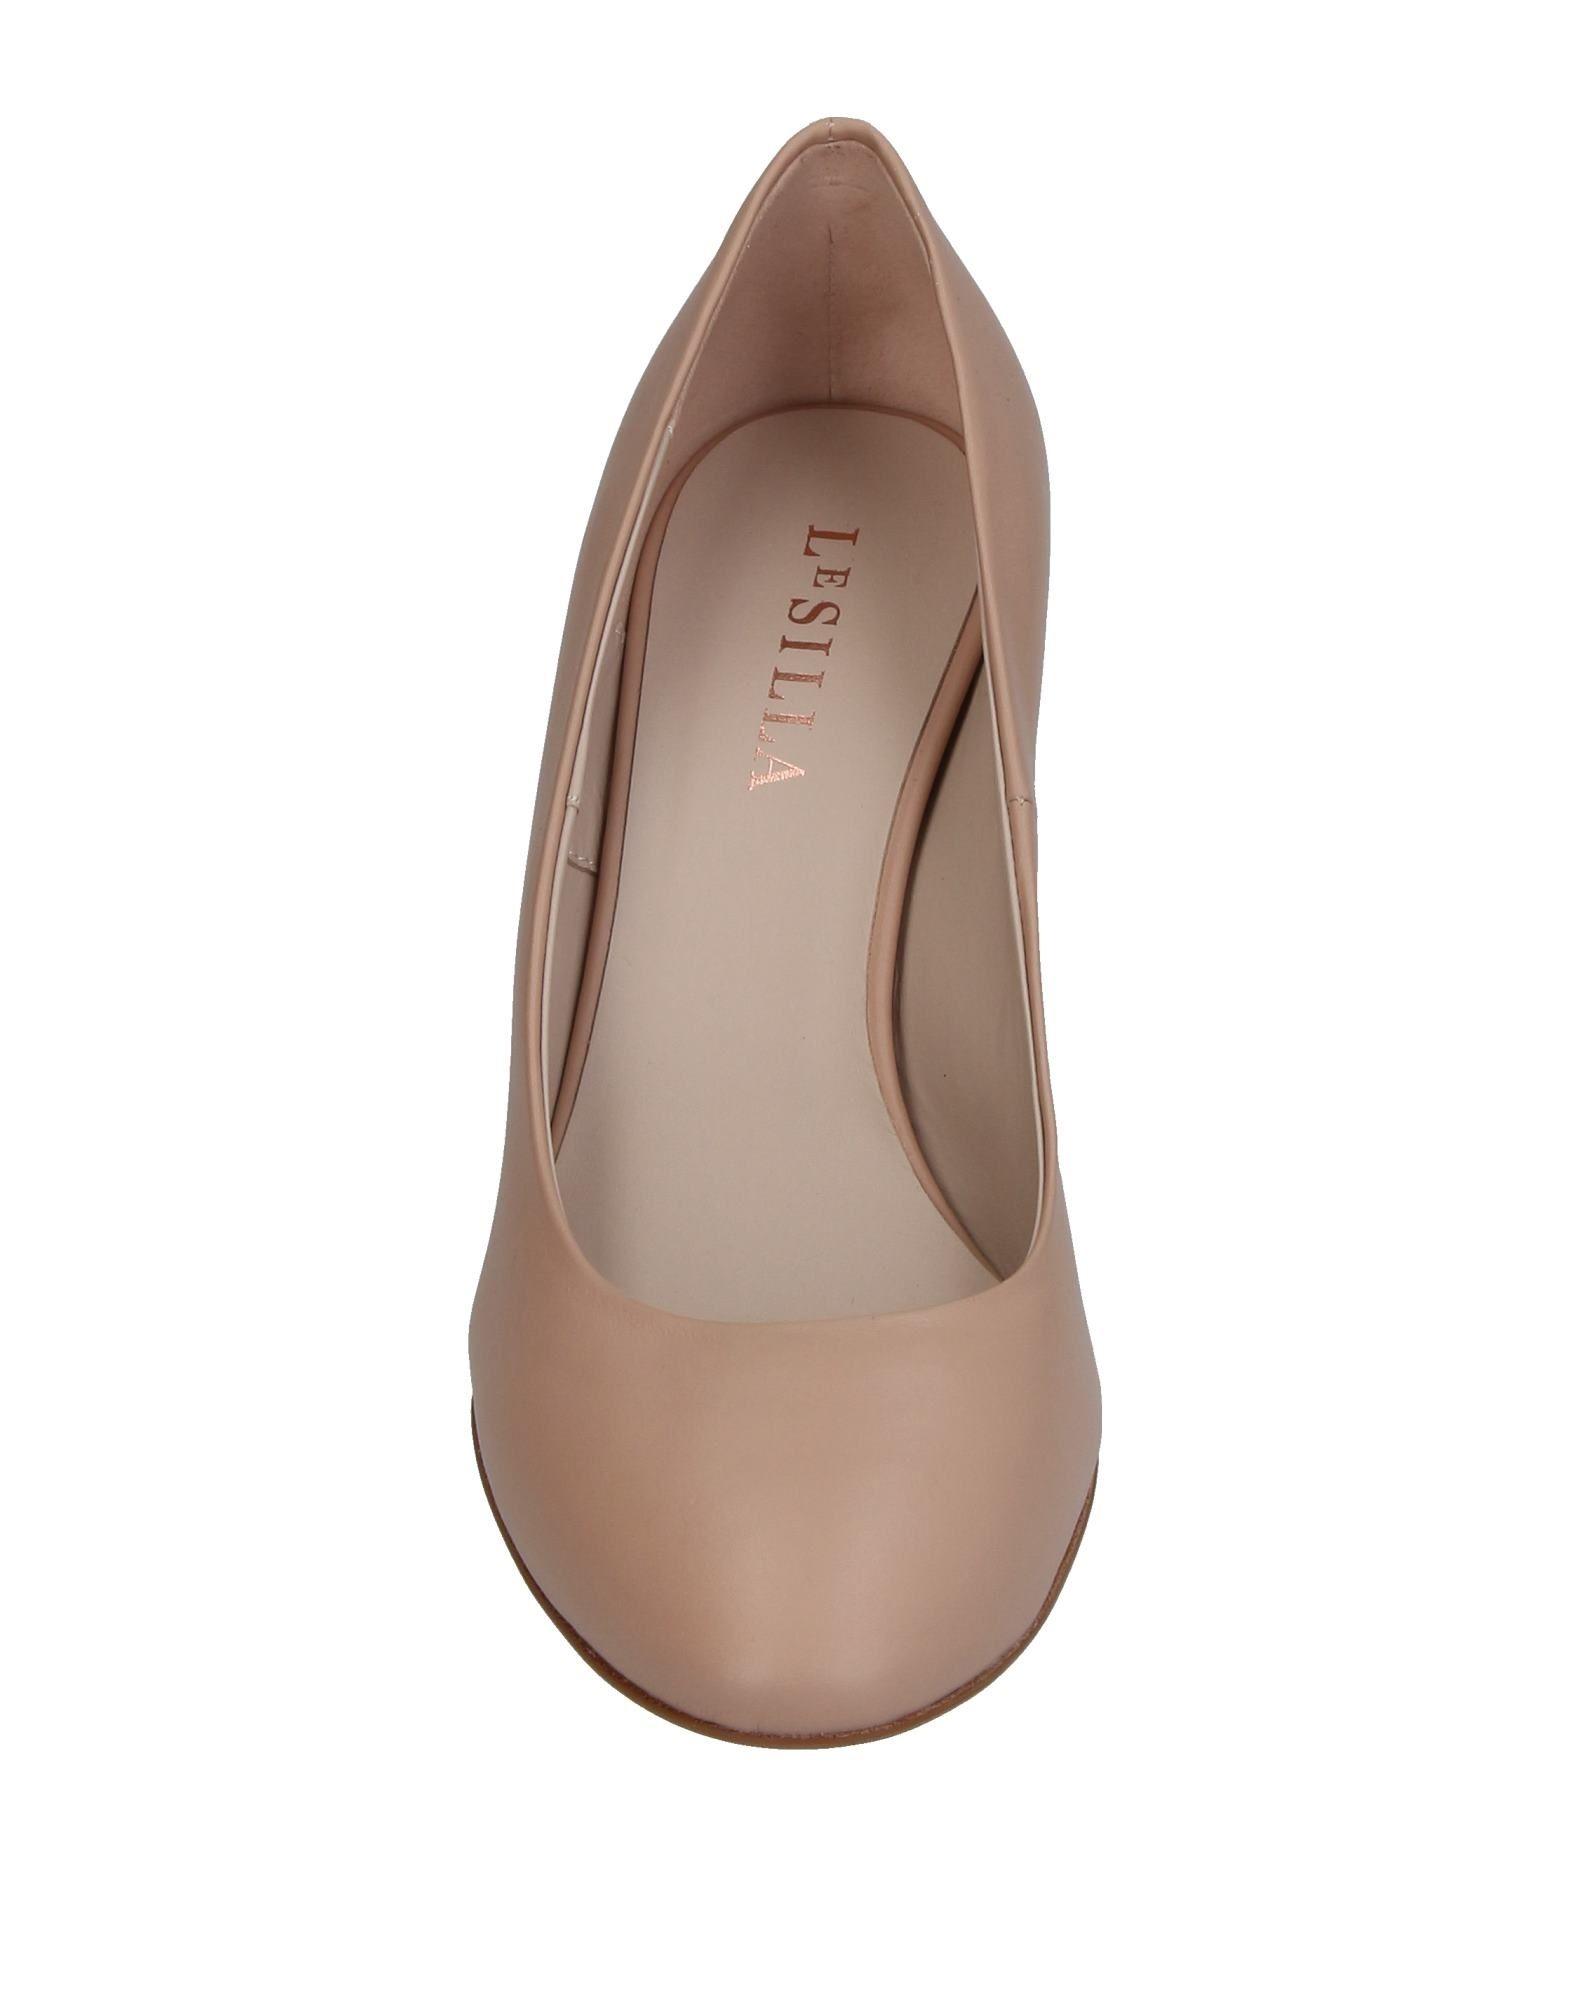 Le 11409651JRGut Silla Pumps Damen  11409651JRGut Le aussehende strapazierfähige Schuhe abd496